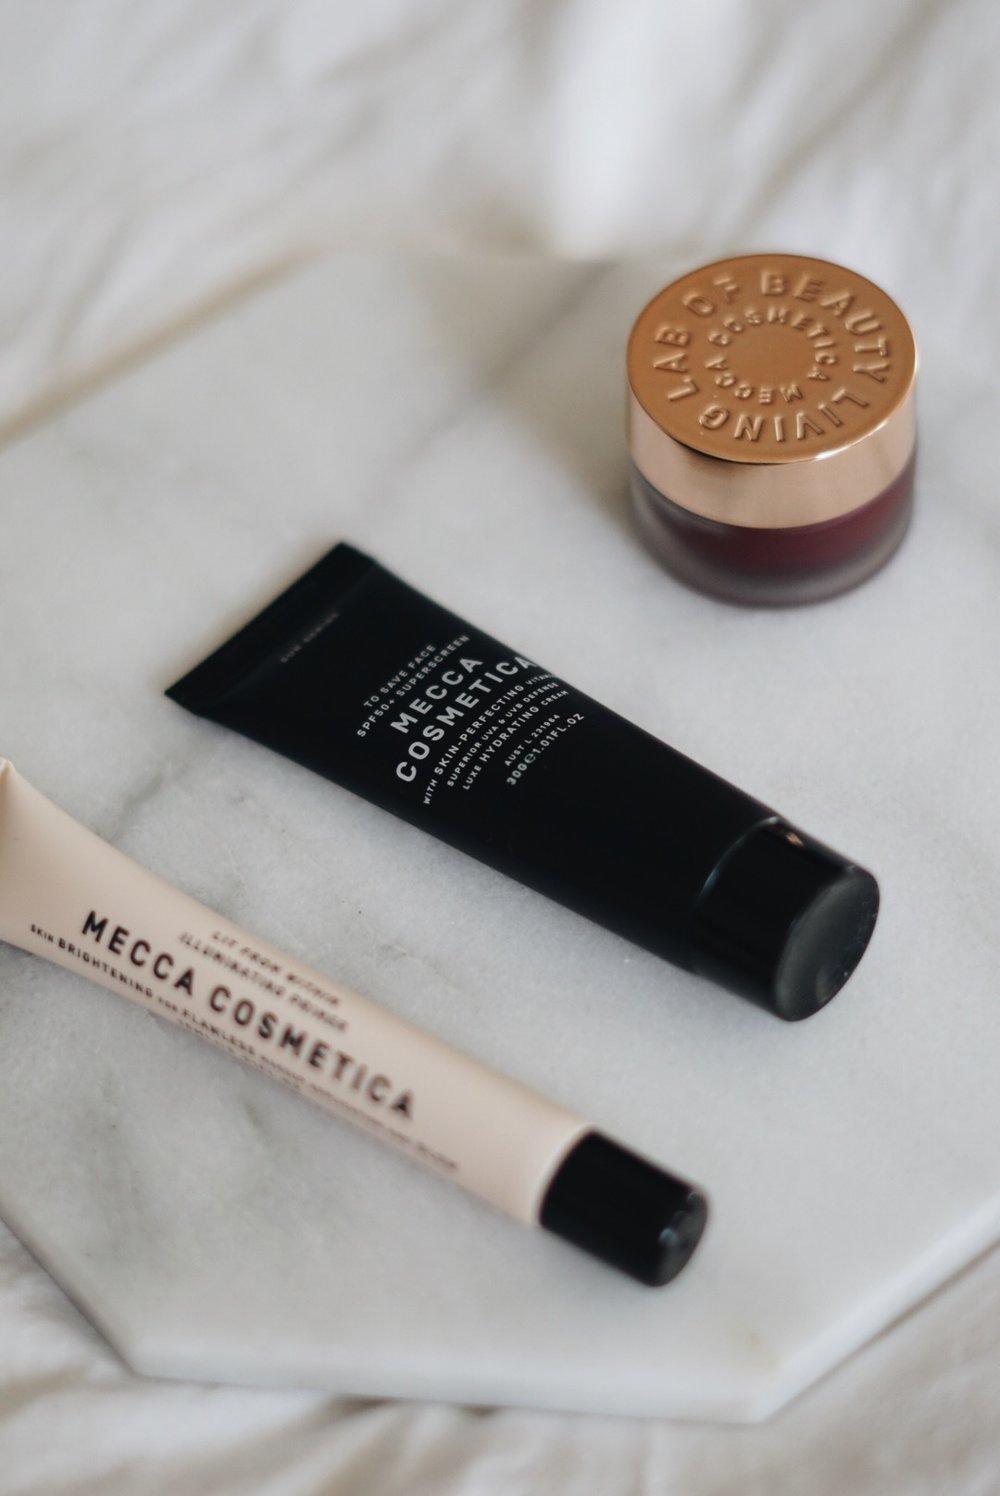 australian-beauty-mecca-cosmetica-beauty-swap